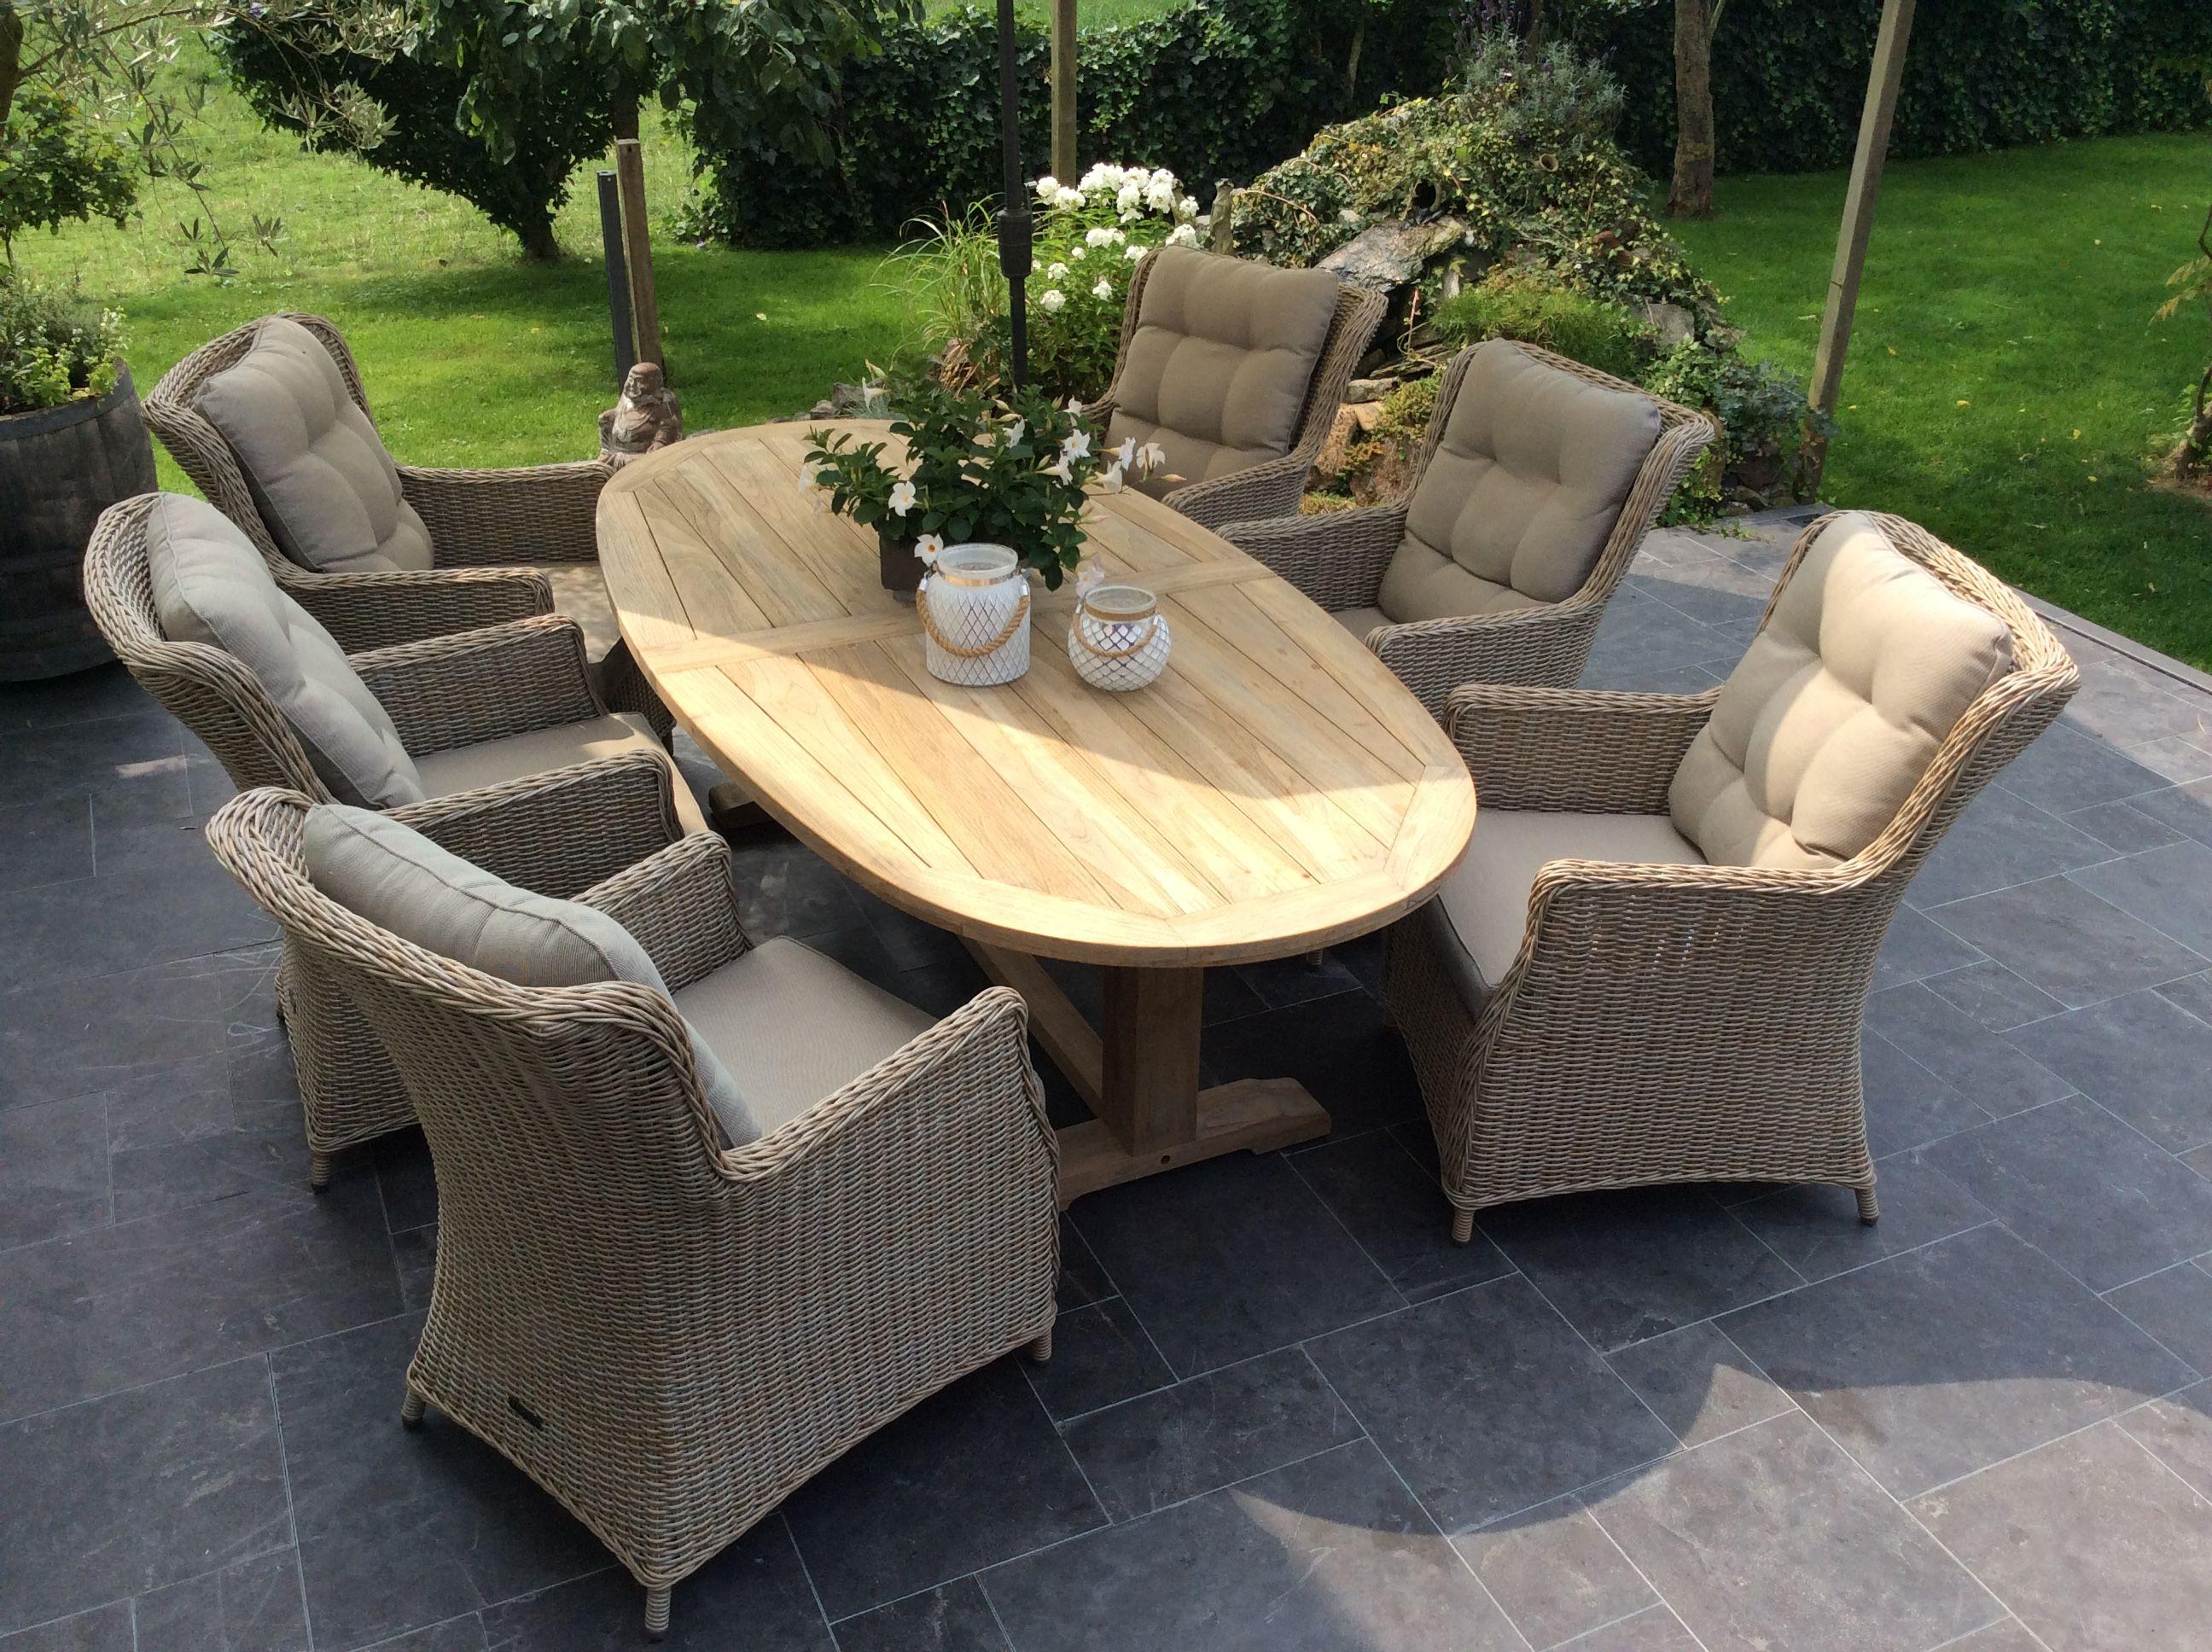 Tuinset met ronde houten tafel en luxe gevlochten tuinstoelen tuinset inspiratie kees smit - Grote ronde houten tafel ...